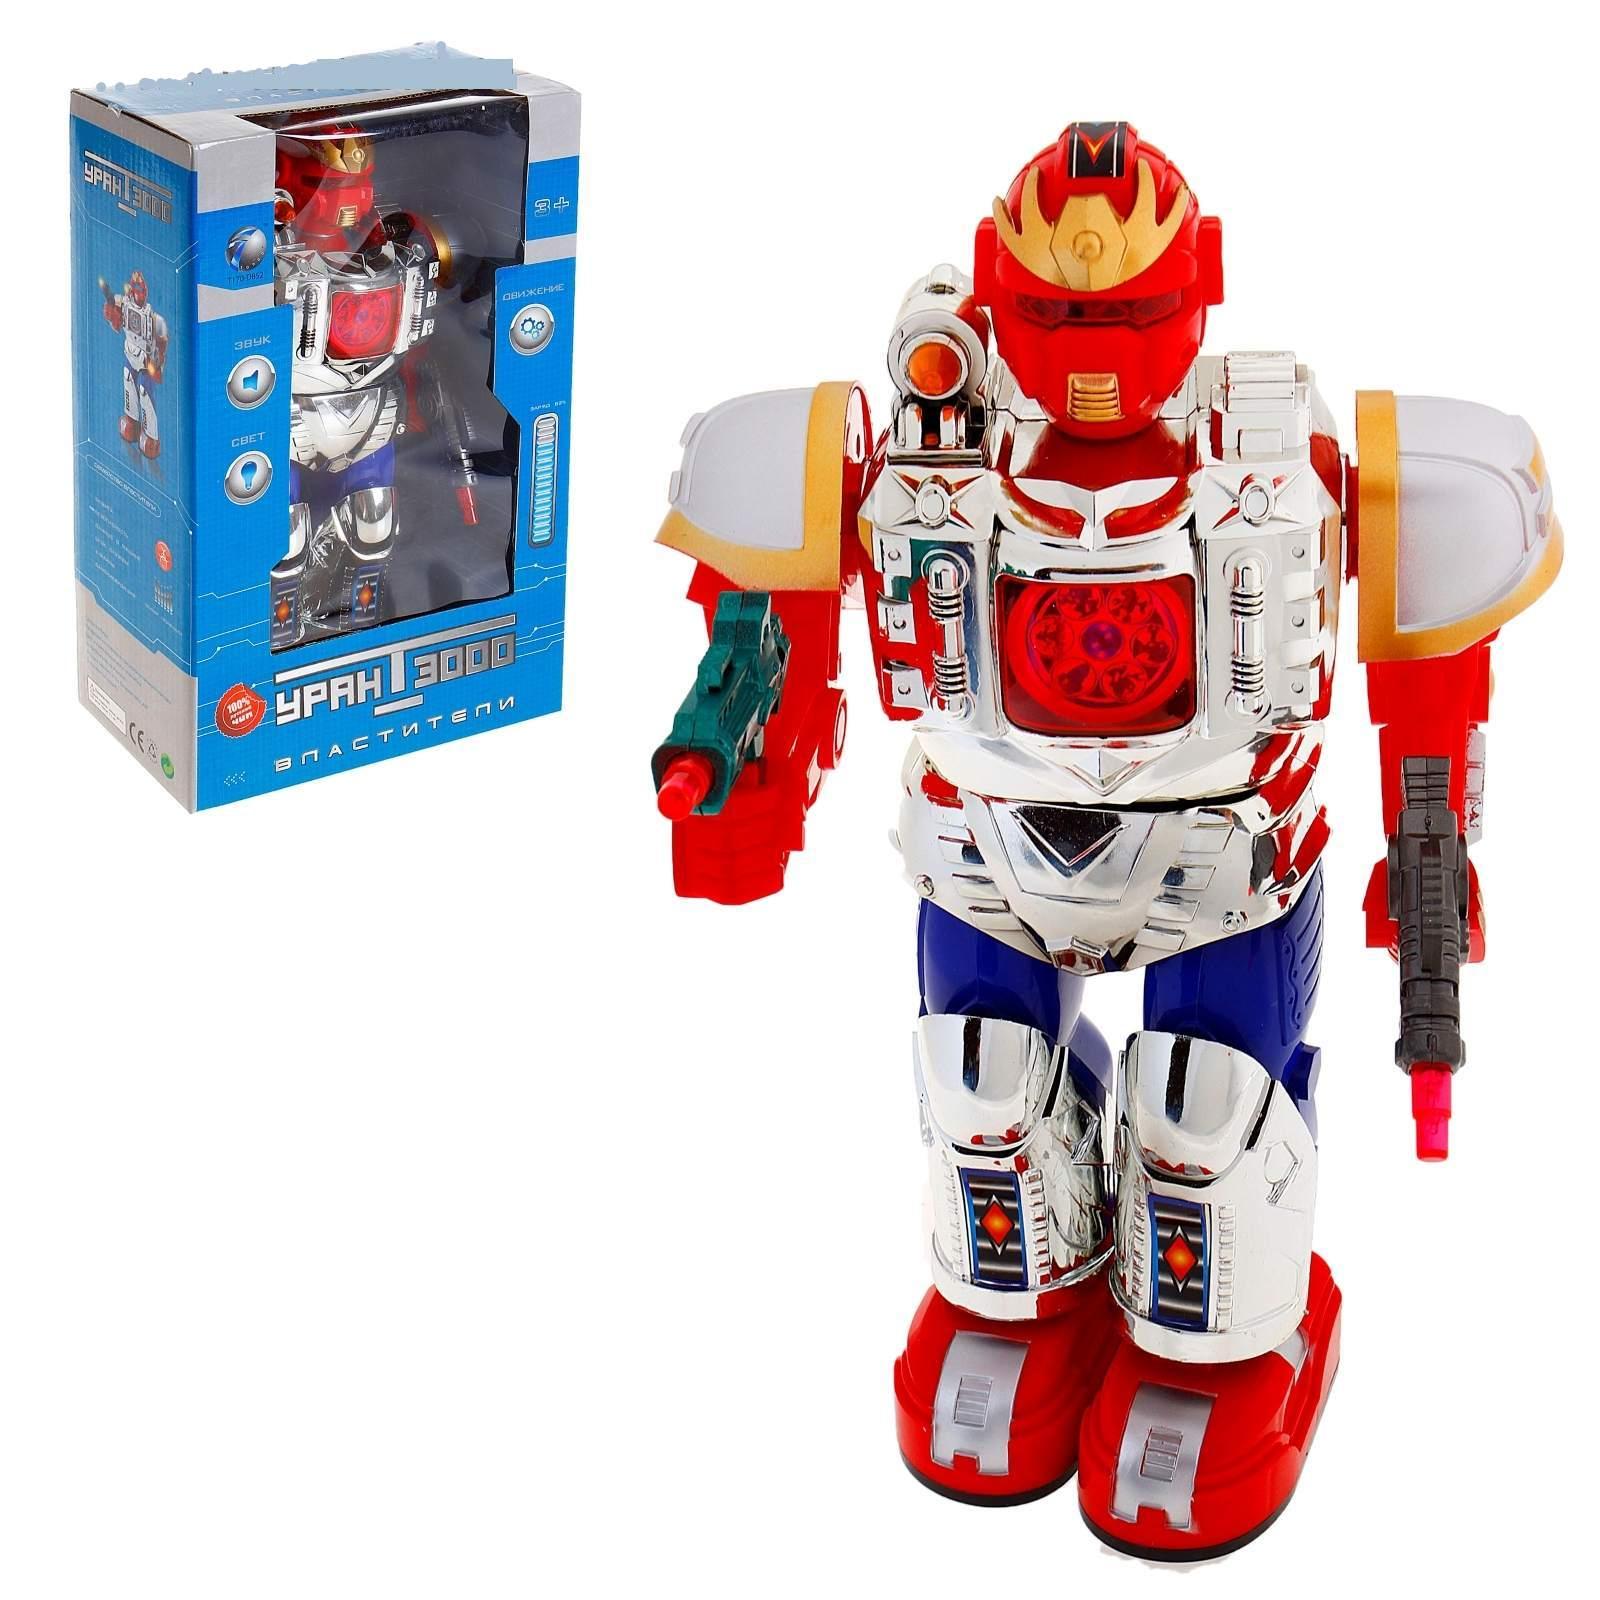 АКЦИЯ19 Игрушка пластмассовая Робот Уран 3000